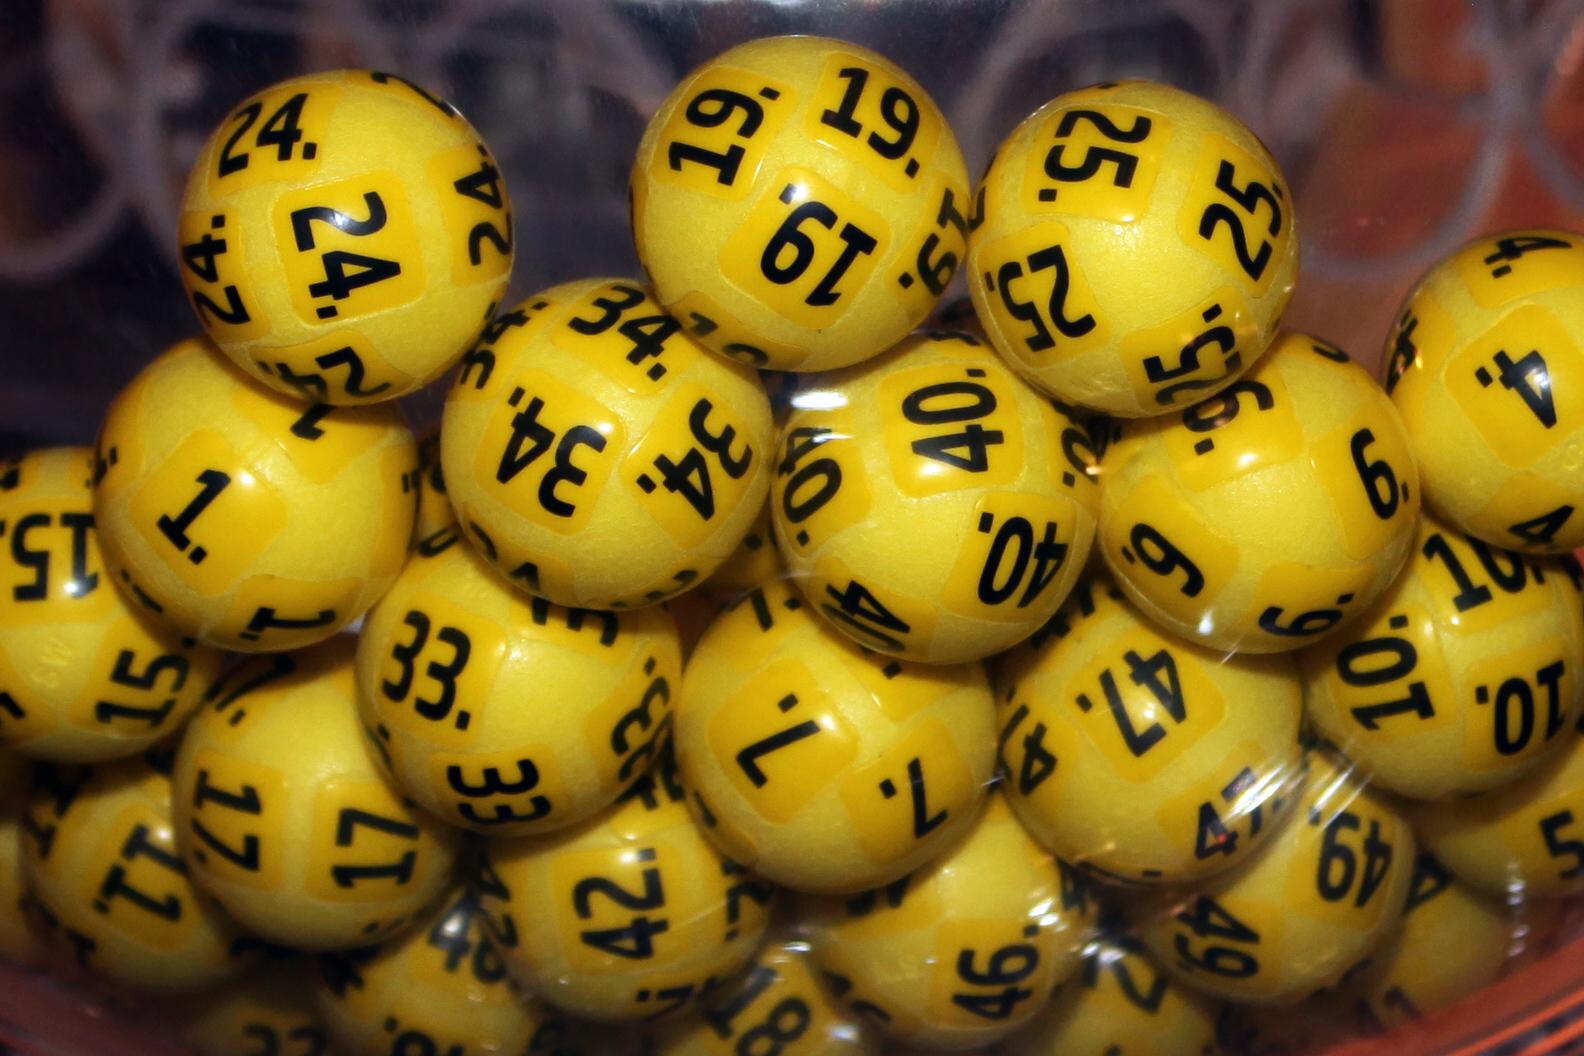 Lottokugeln in einer Trommel